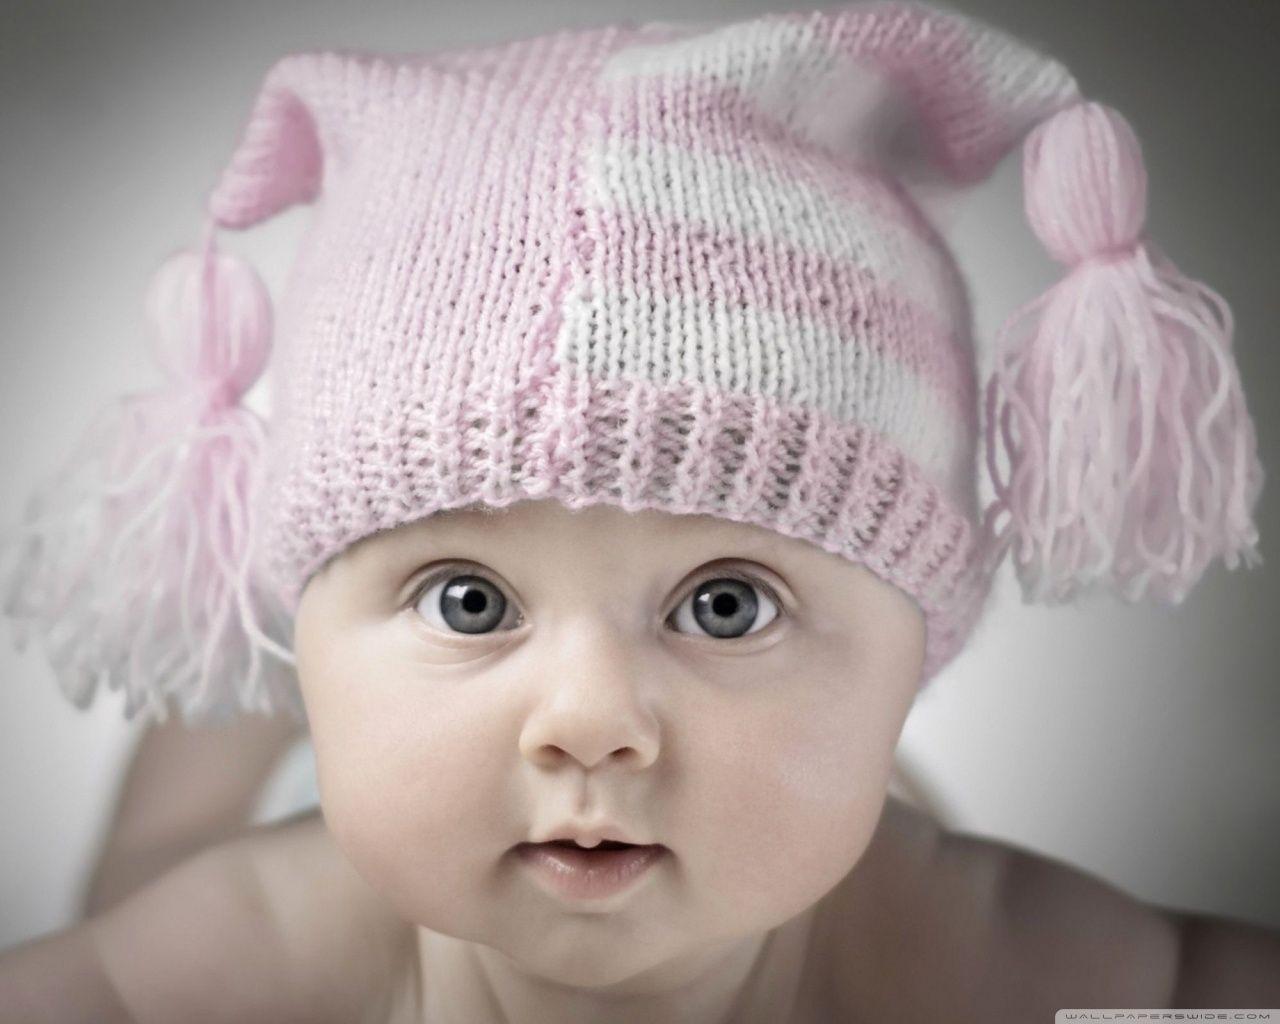 Little baby innocent looks wallpaper HD Wallpapers Rocks